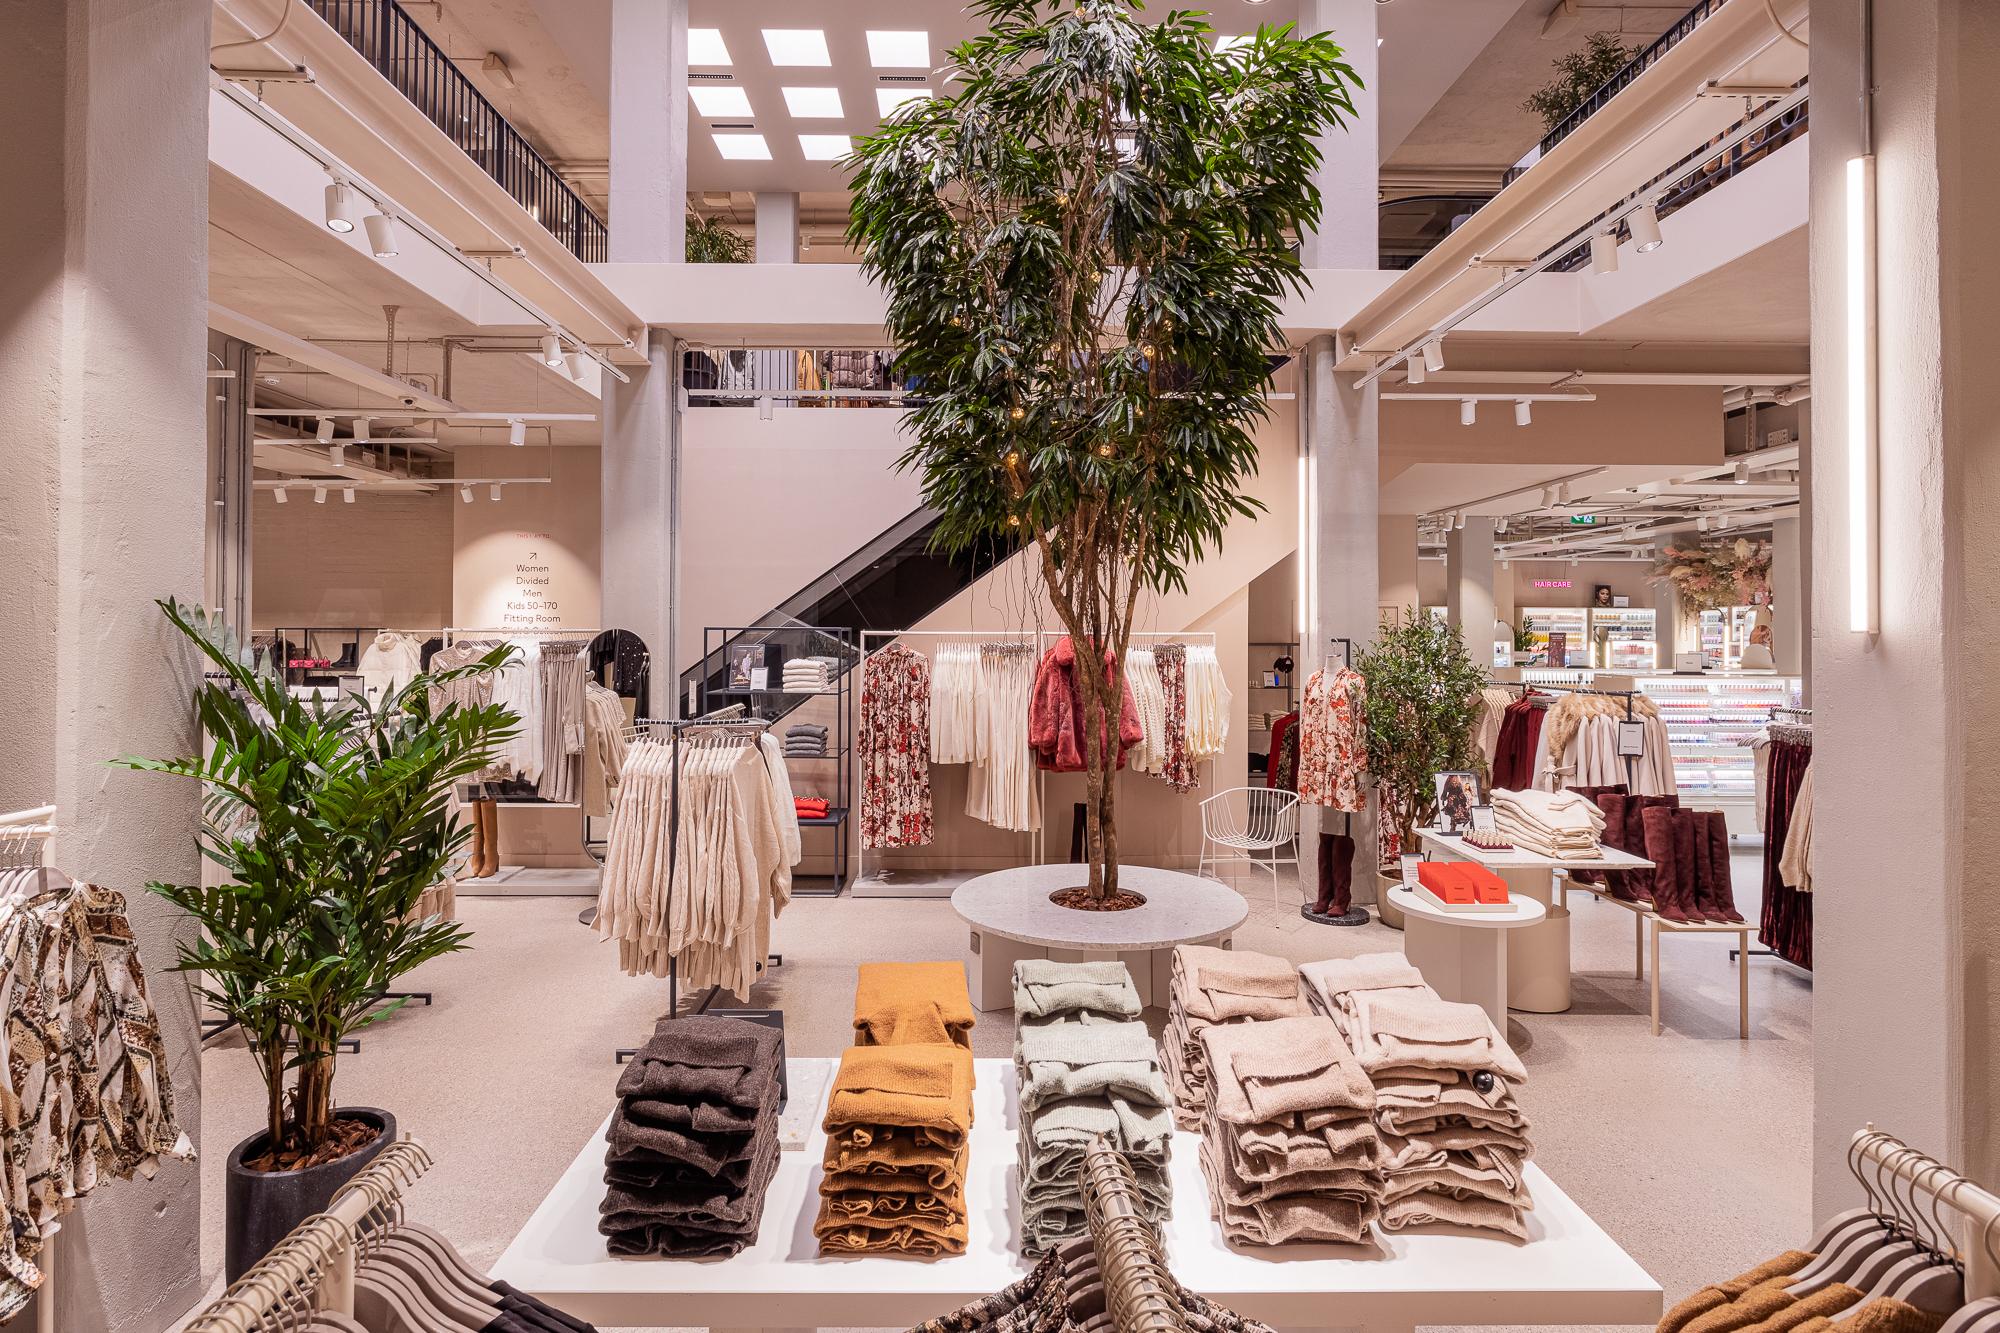 H&M je u Stockholmu uveo novi model poslovanja koji će, nakon testiranja, proširiti i na druga tržišta